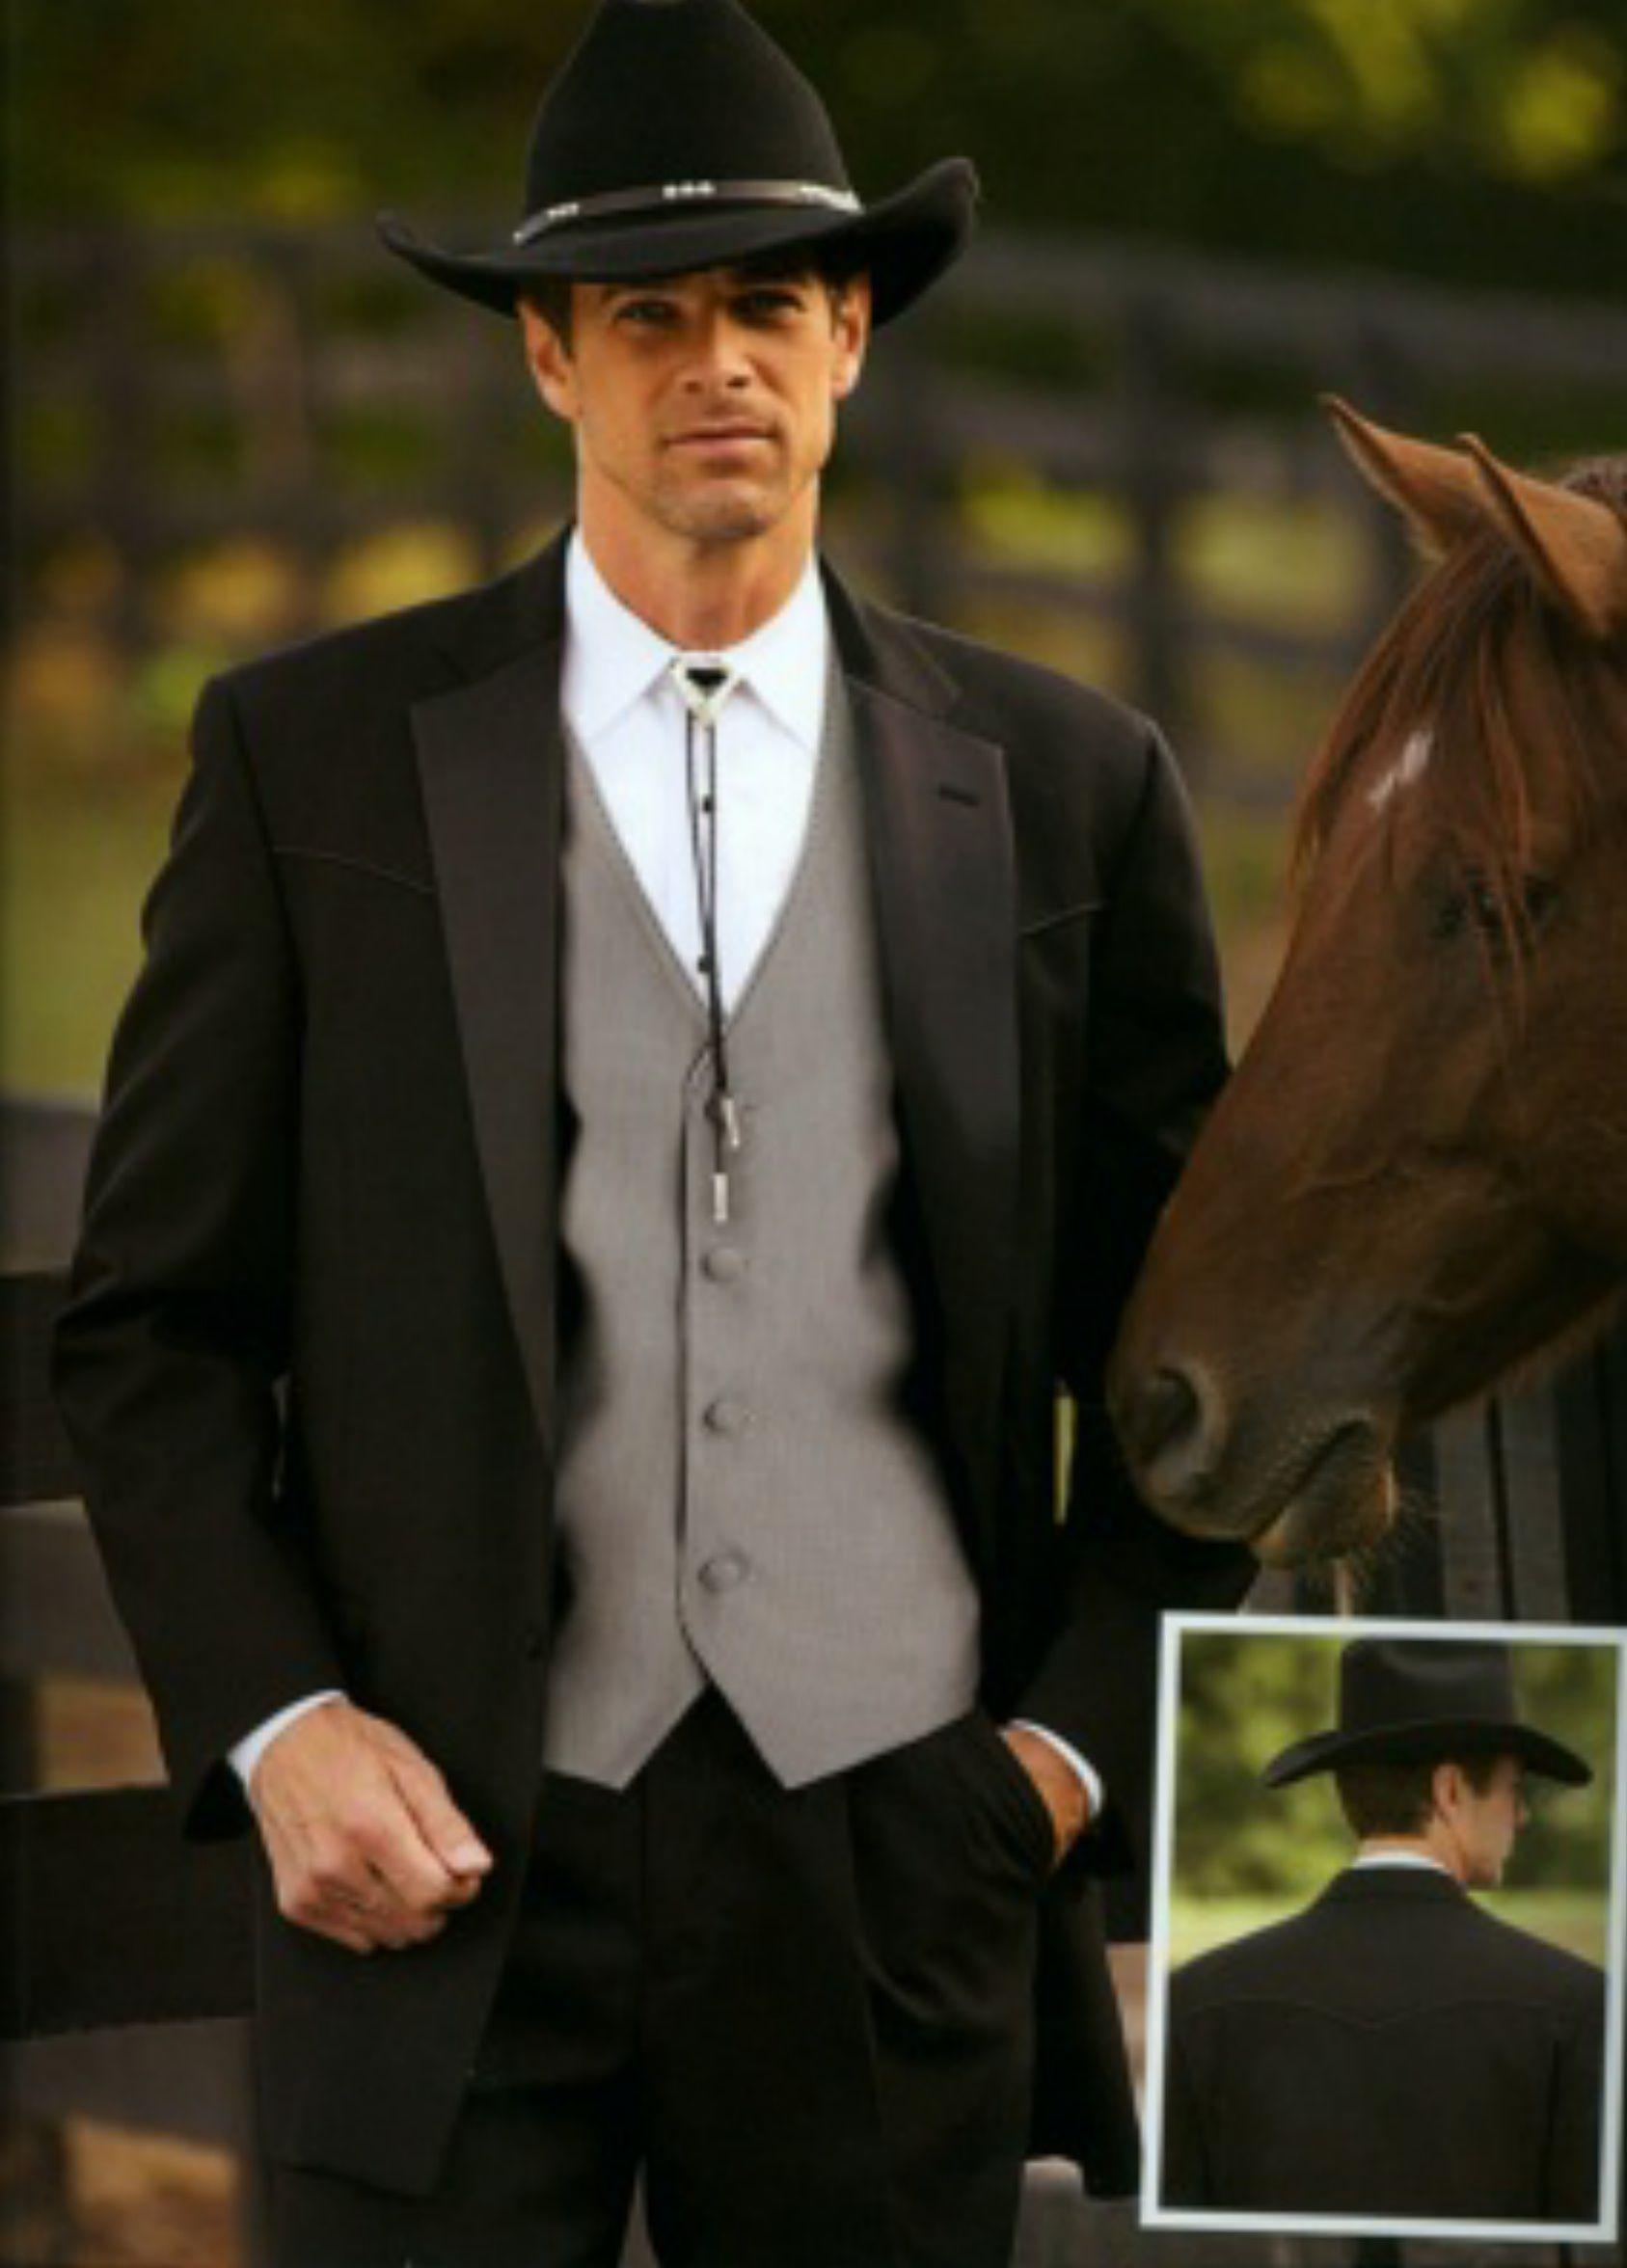 western wedding wear for men Formal Wear for Men & Women